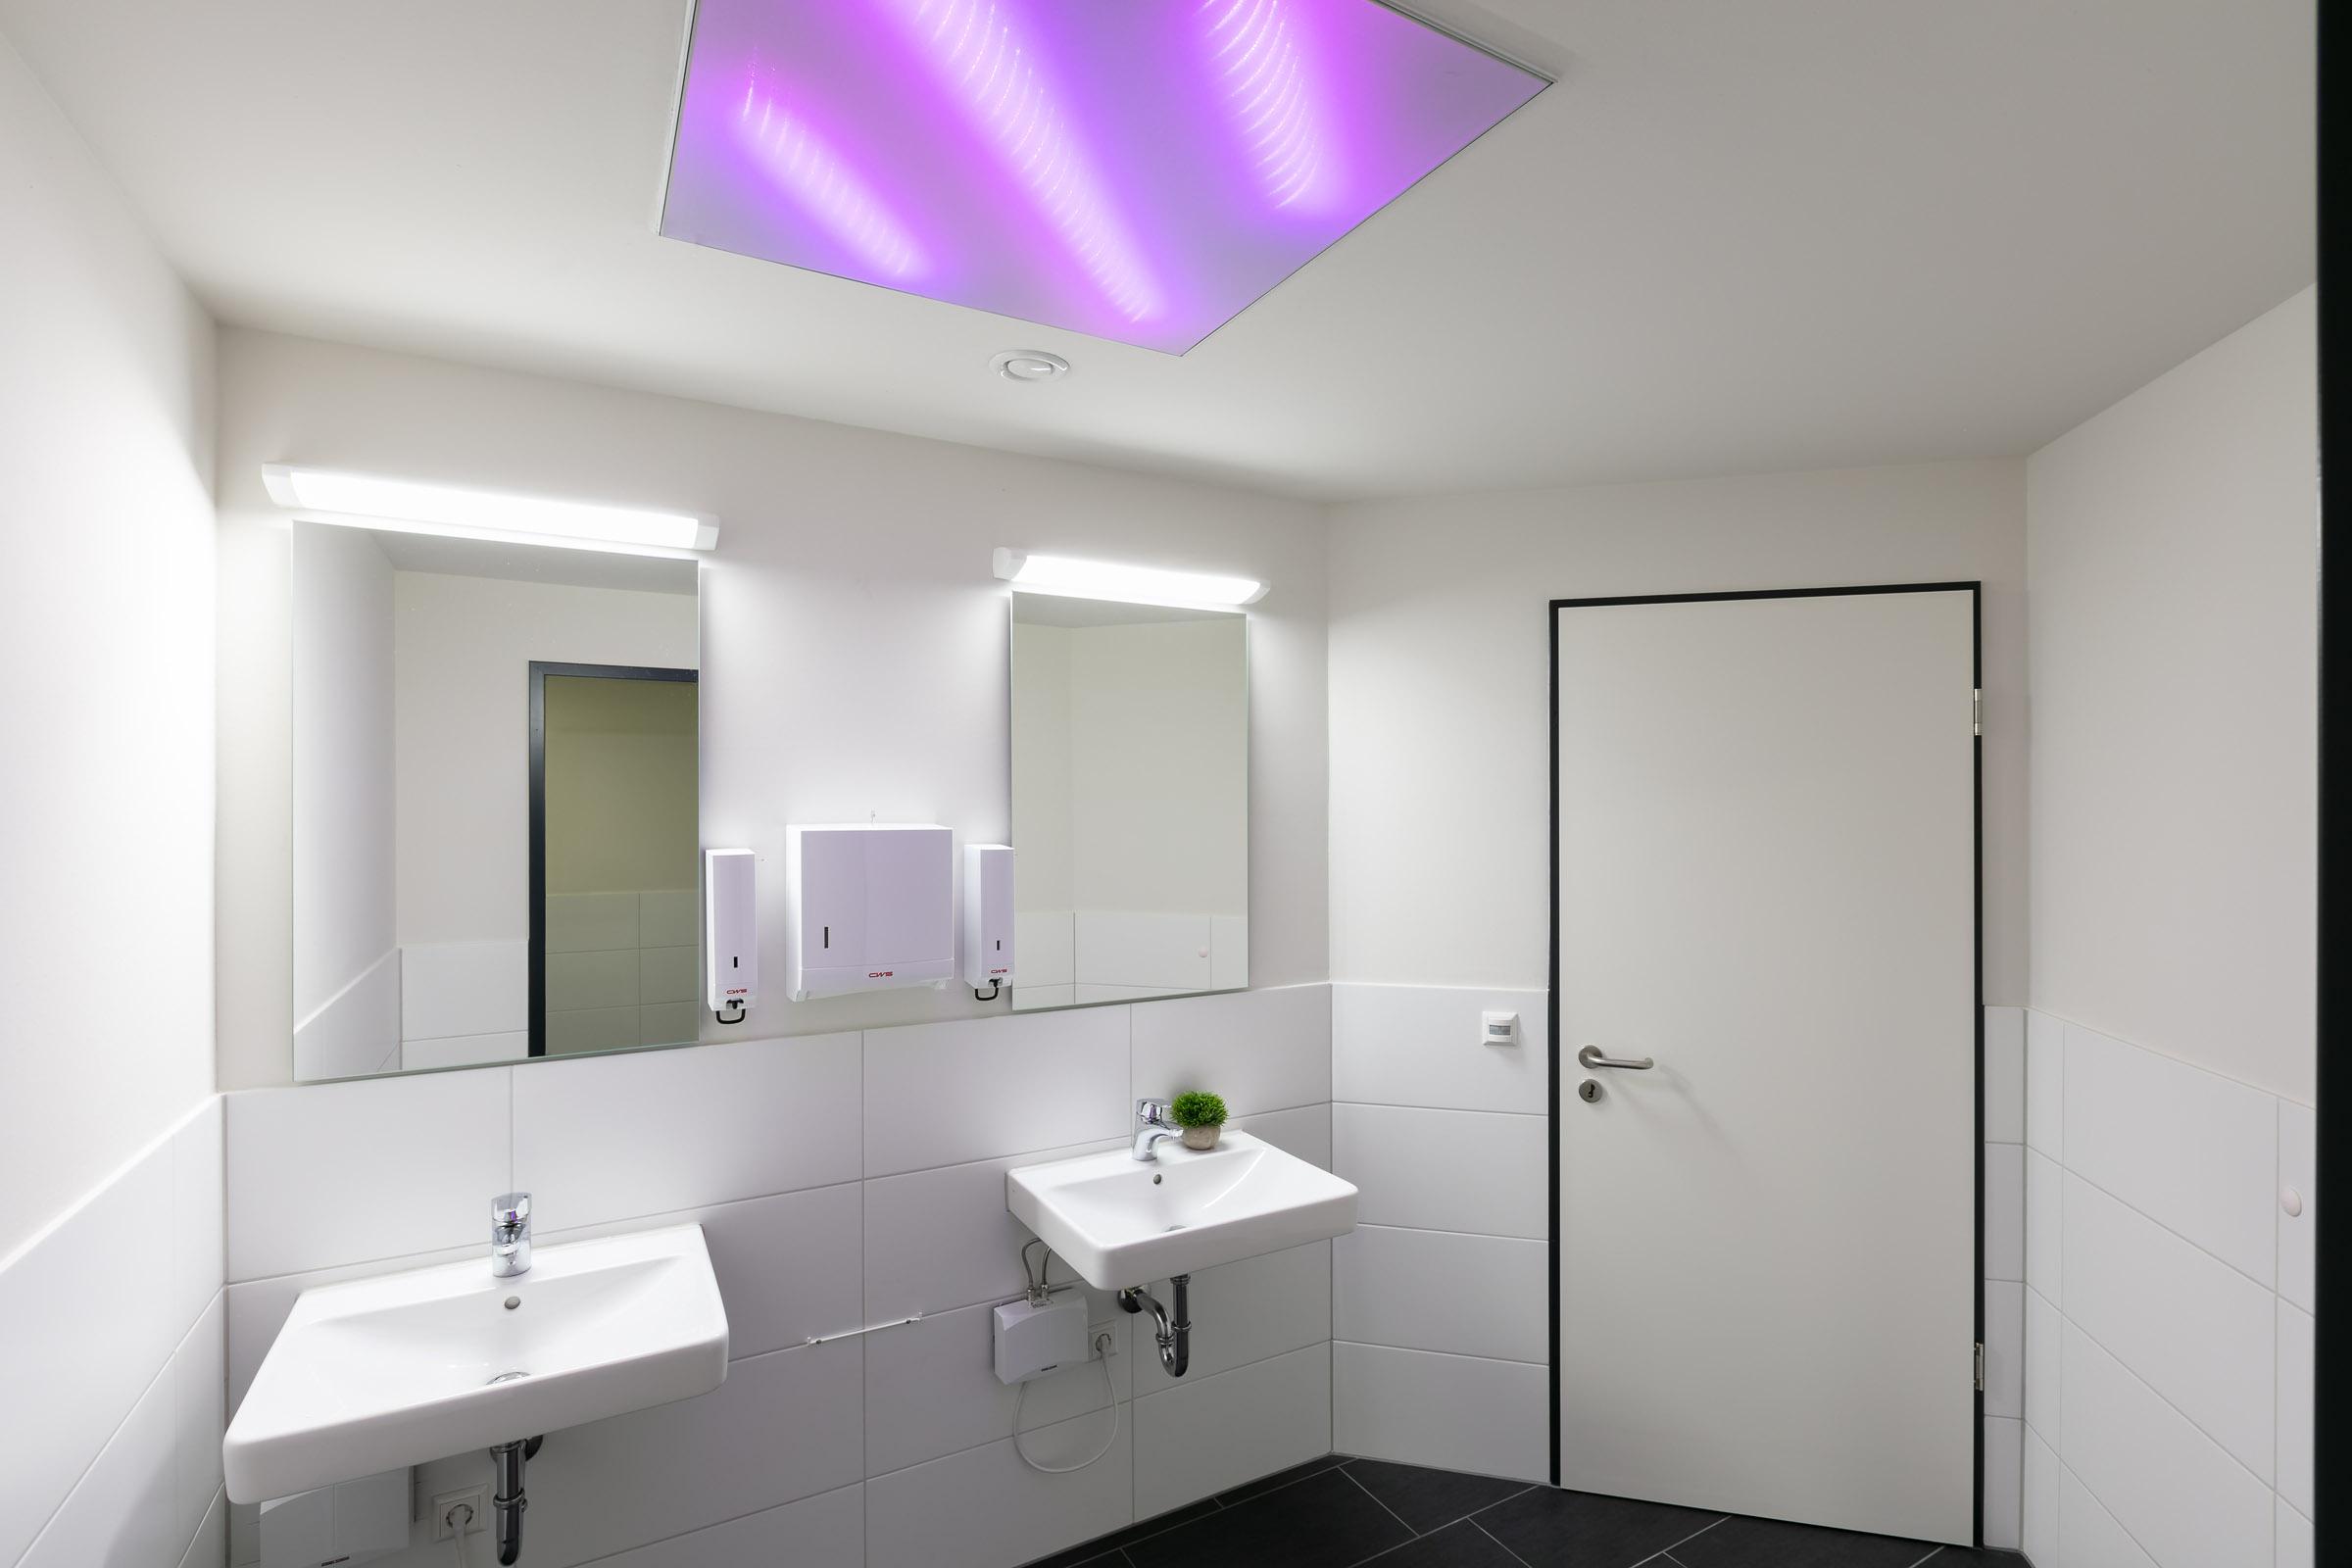 Sanitärbereich mit lila leuchtender Textillichtdecke